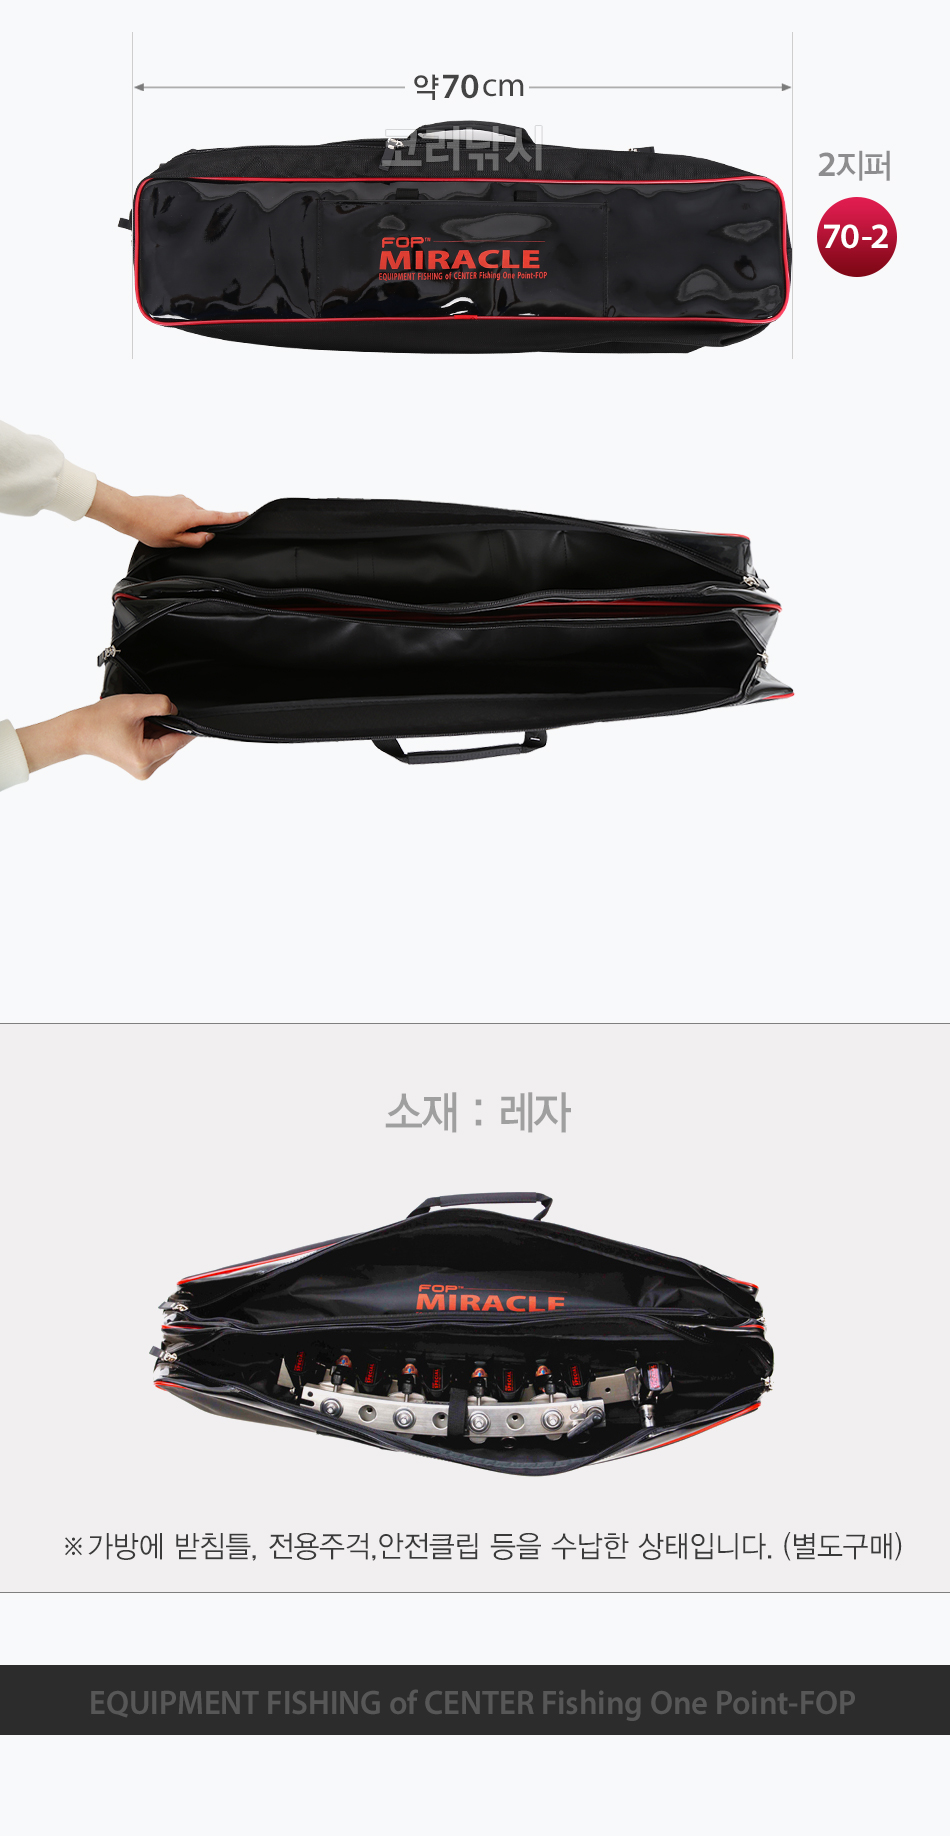 미라클 받침틀및 다용도 가방 자동다리 좌대다리 파워픽스 기타부품 수납가방 소품가방 받침틀가방 보조다리가방 자동다리가방